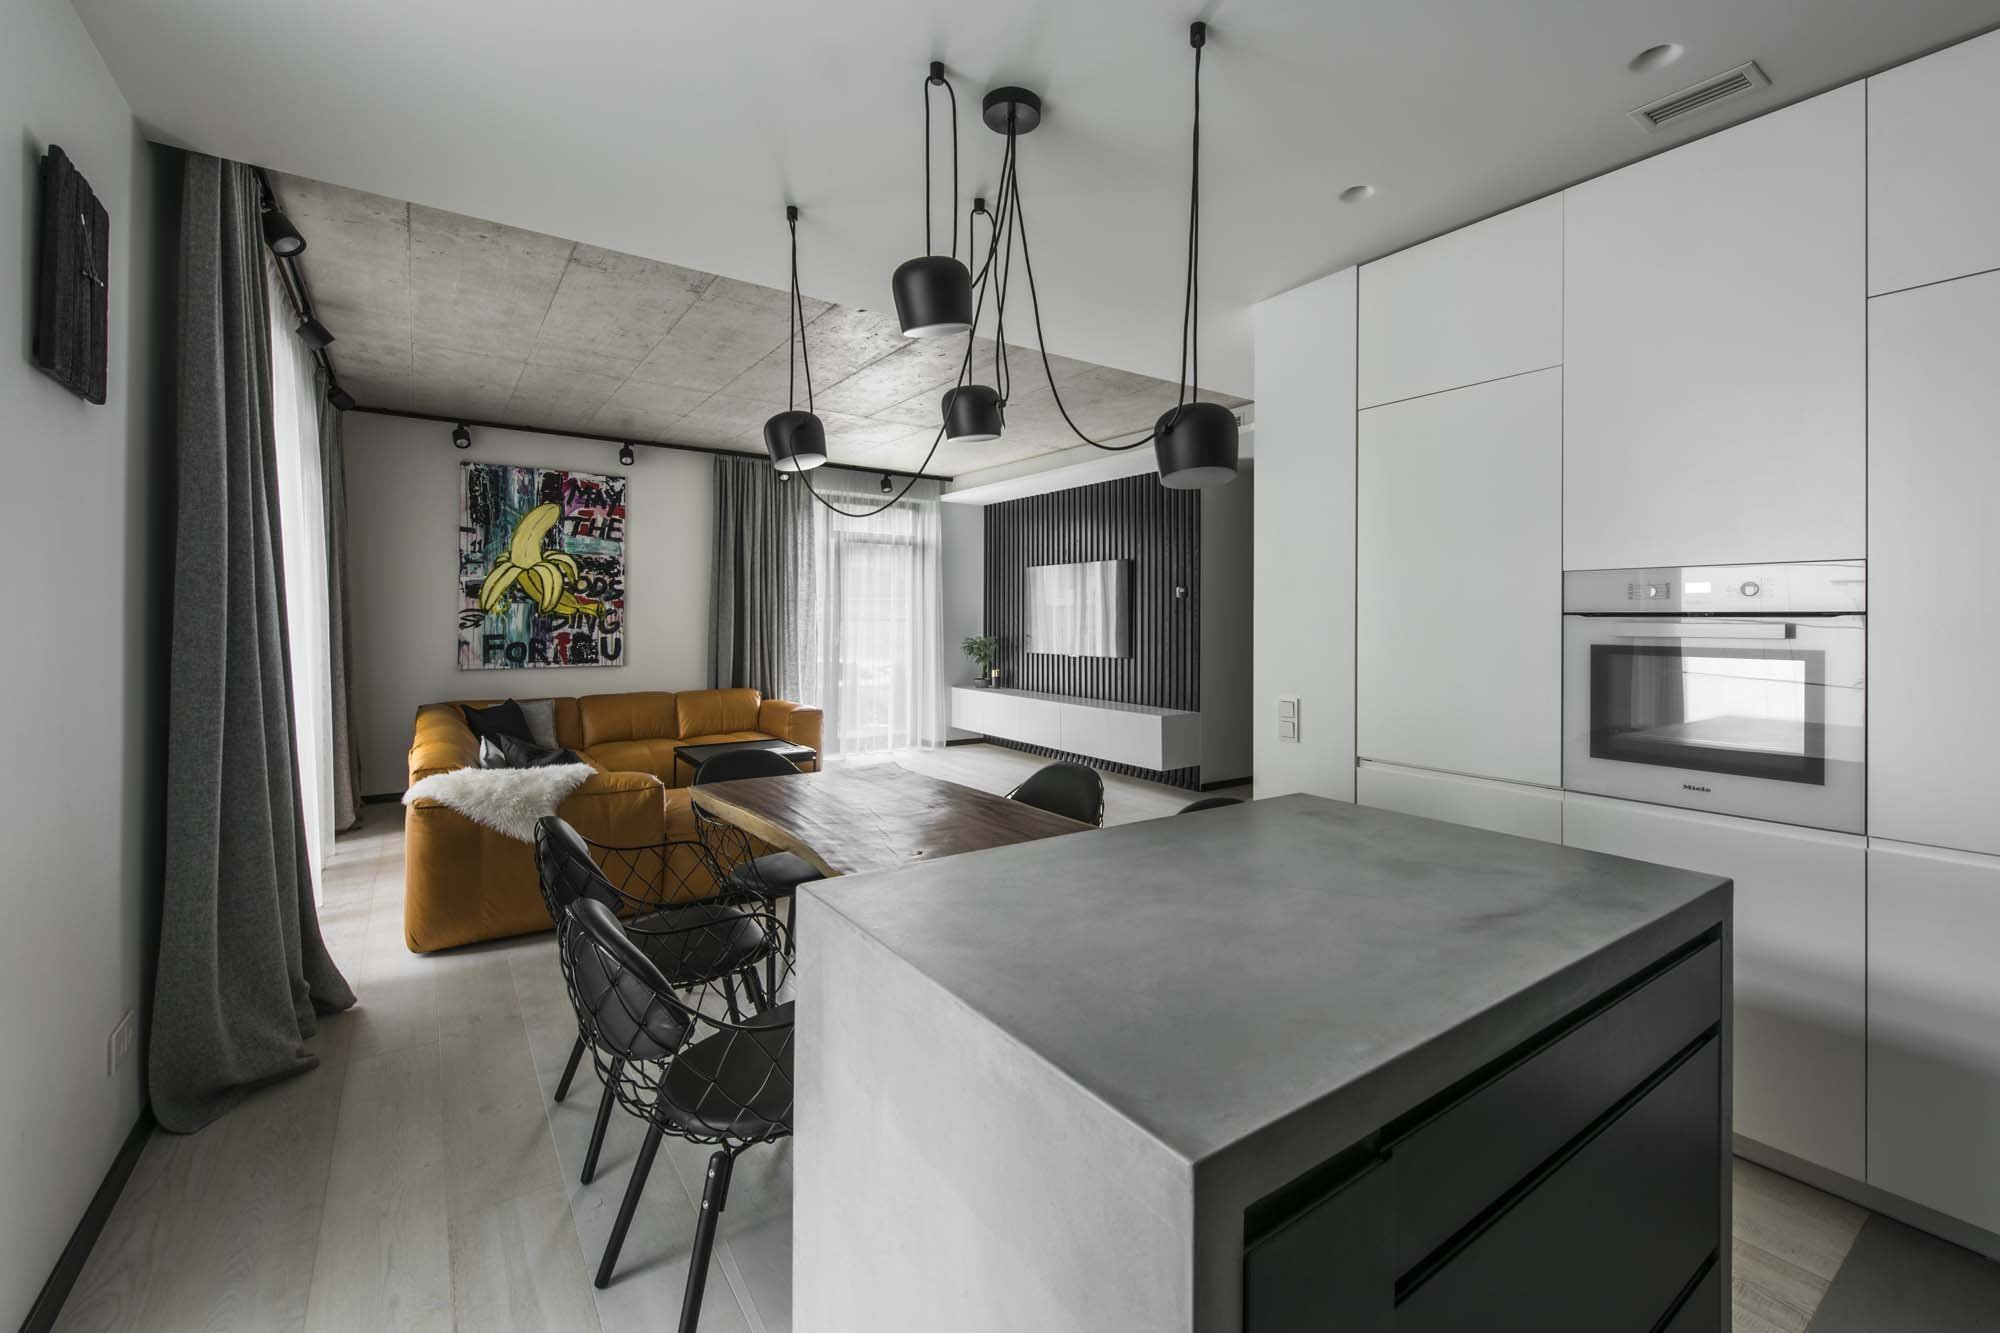 Autorem tohoto minimalistického bytu o velikosti 91 metrů čtverečních v litevském Vilniusu je architekt Indre Sunklodiene ze Studio InArch, který navrhl bydlení pro mladý pár, kterému se líbí jednoduchost – minimálně co se bydlení týče.